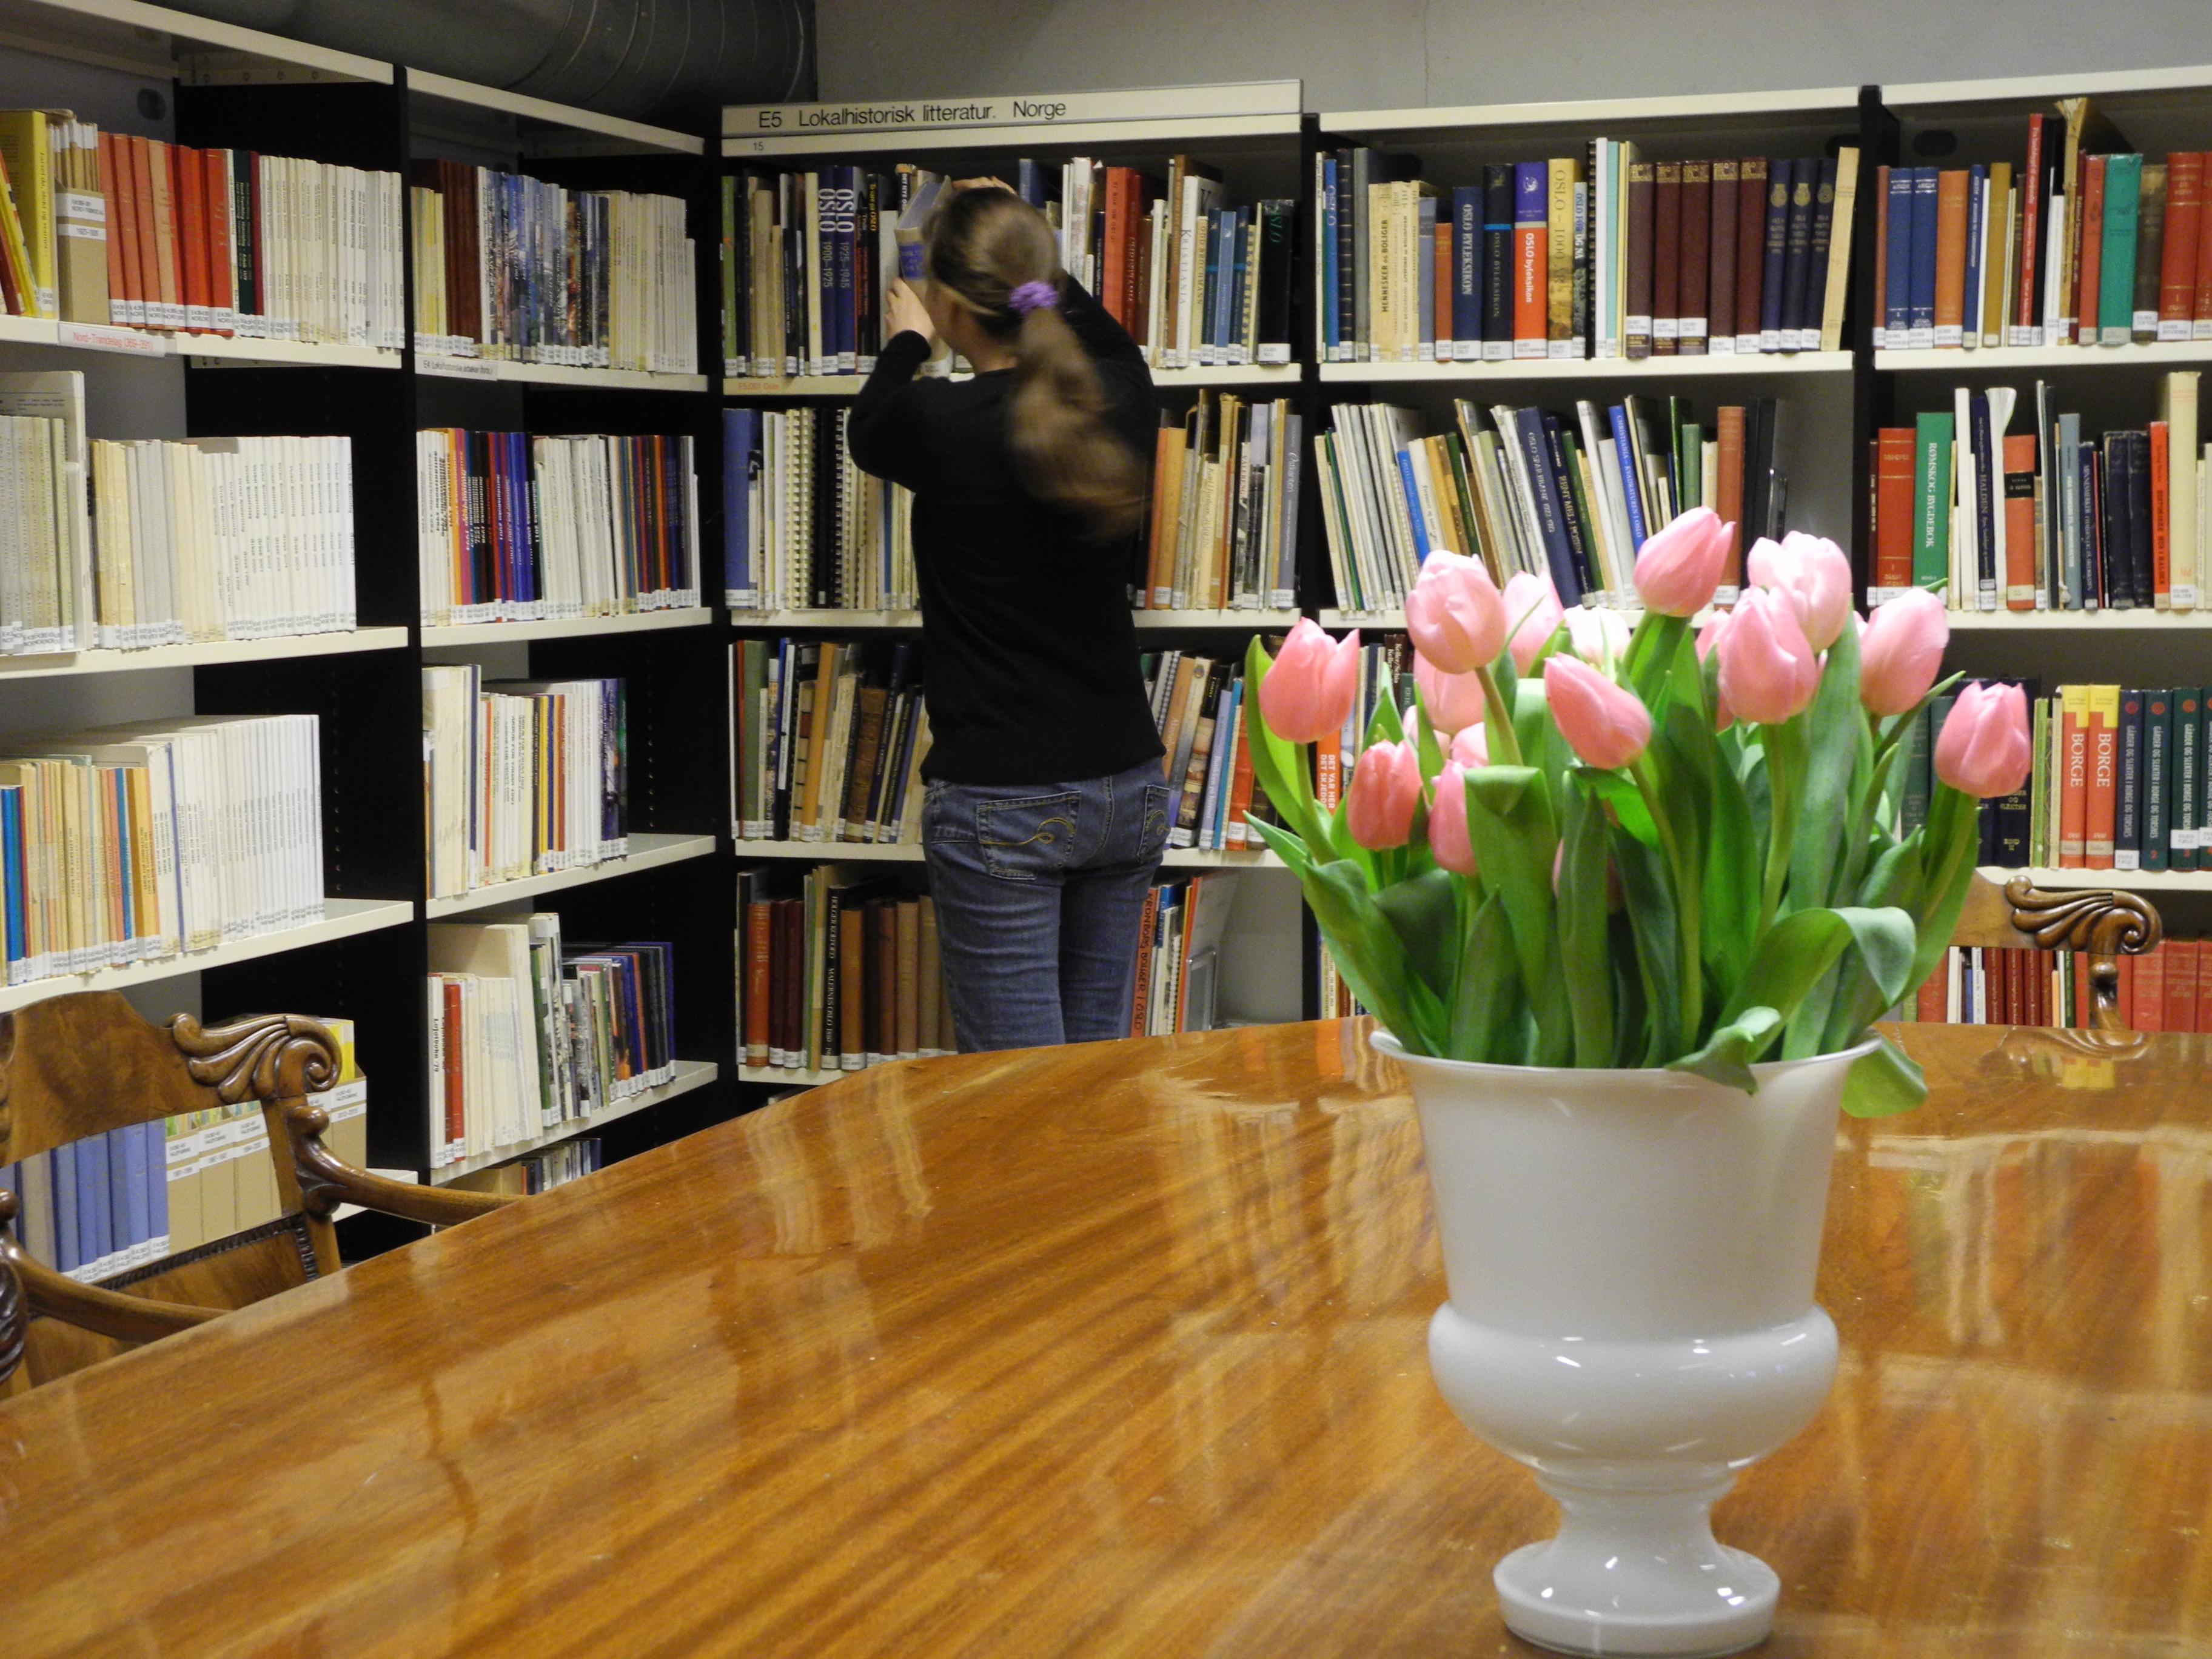 Bibliotekbruker henter ei bok fra hyllene